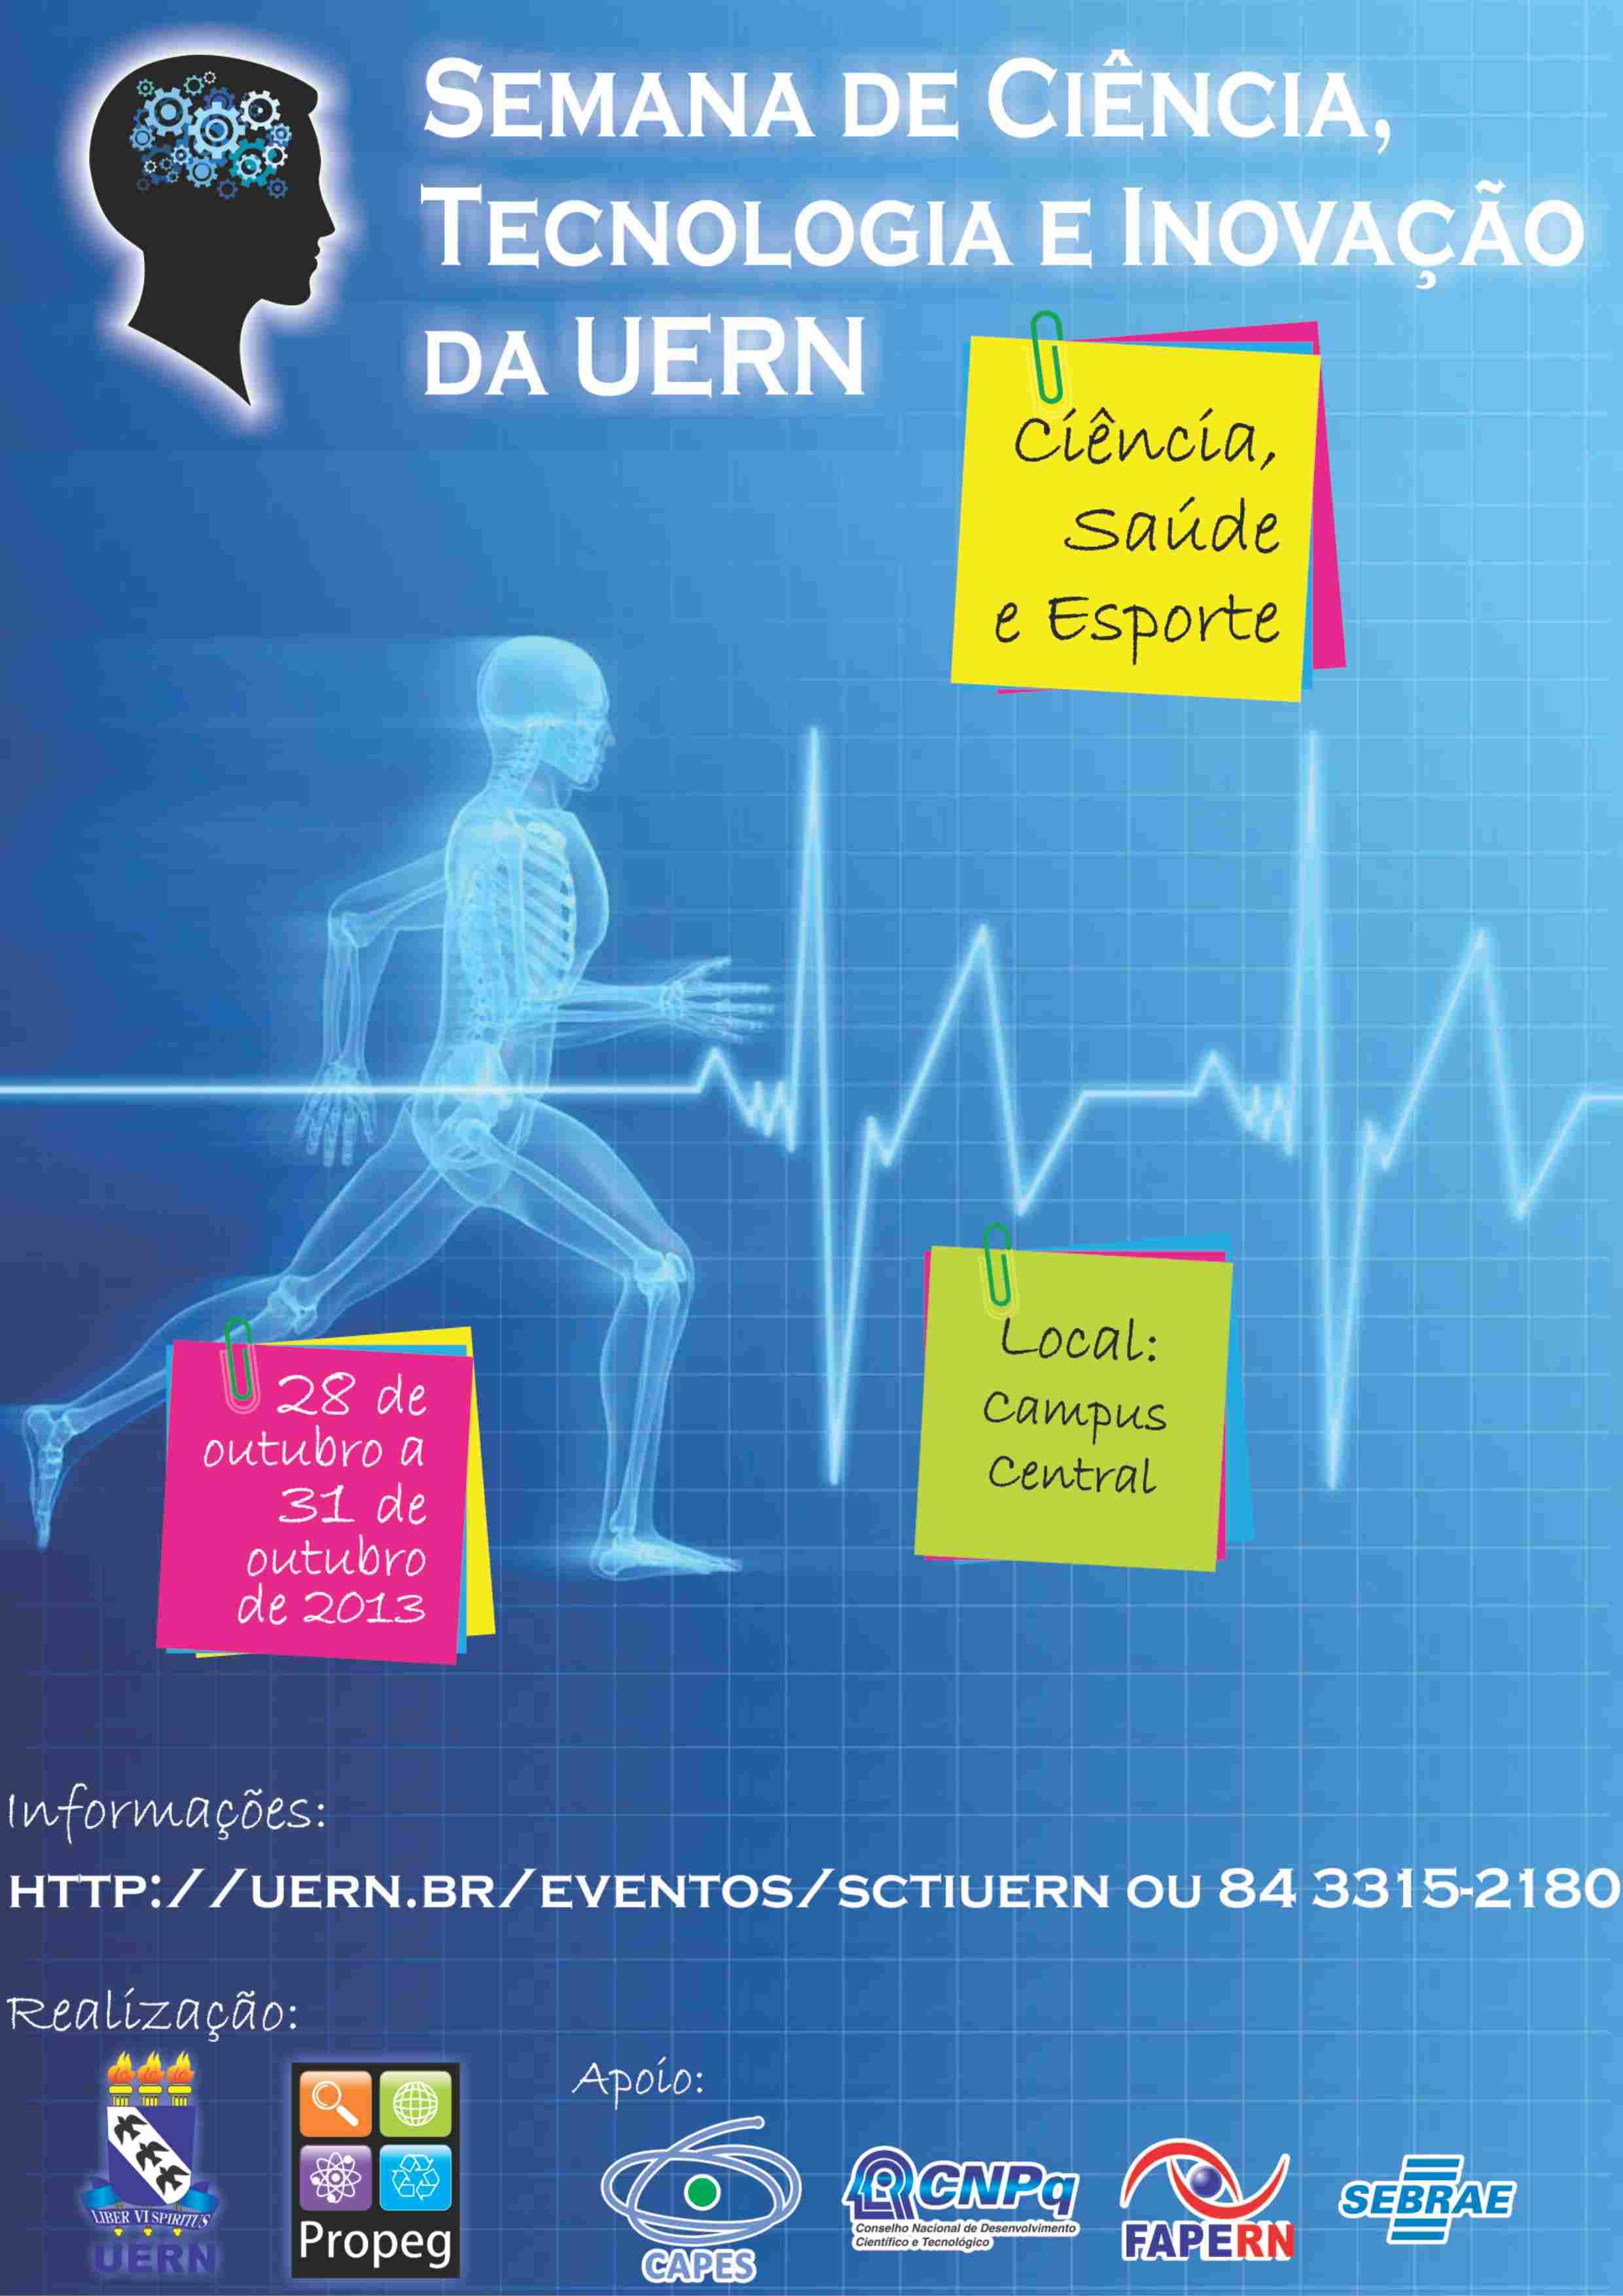 Cartaz da Semana de Ciência, Tecnologia e Inovação da UERN